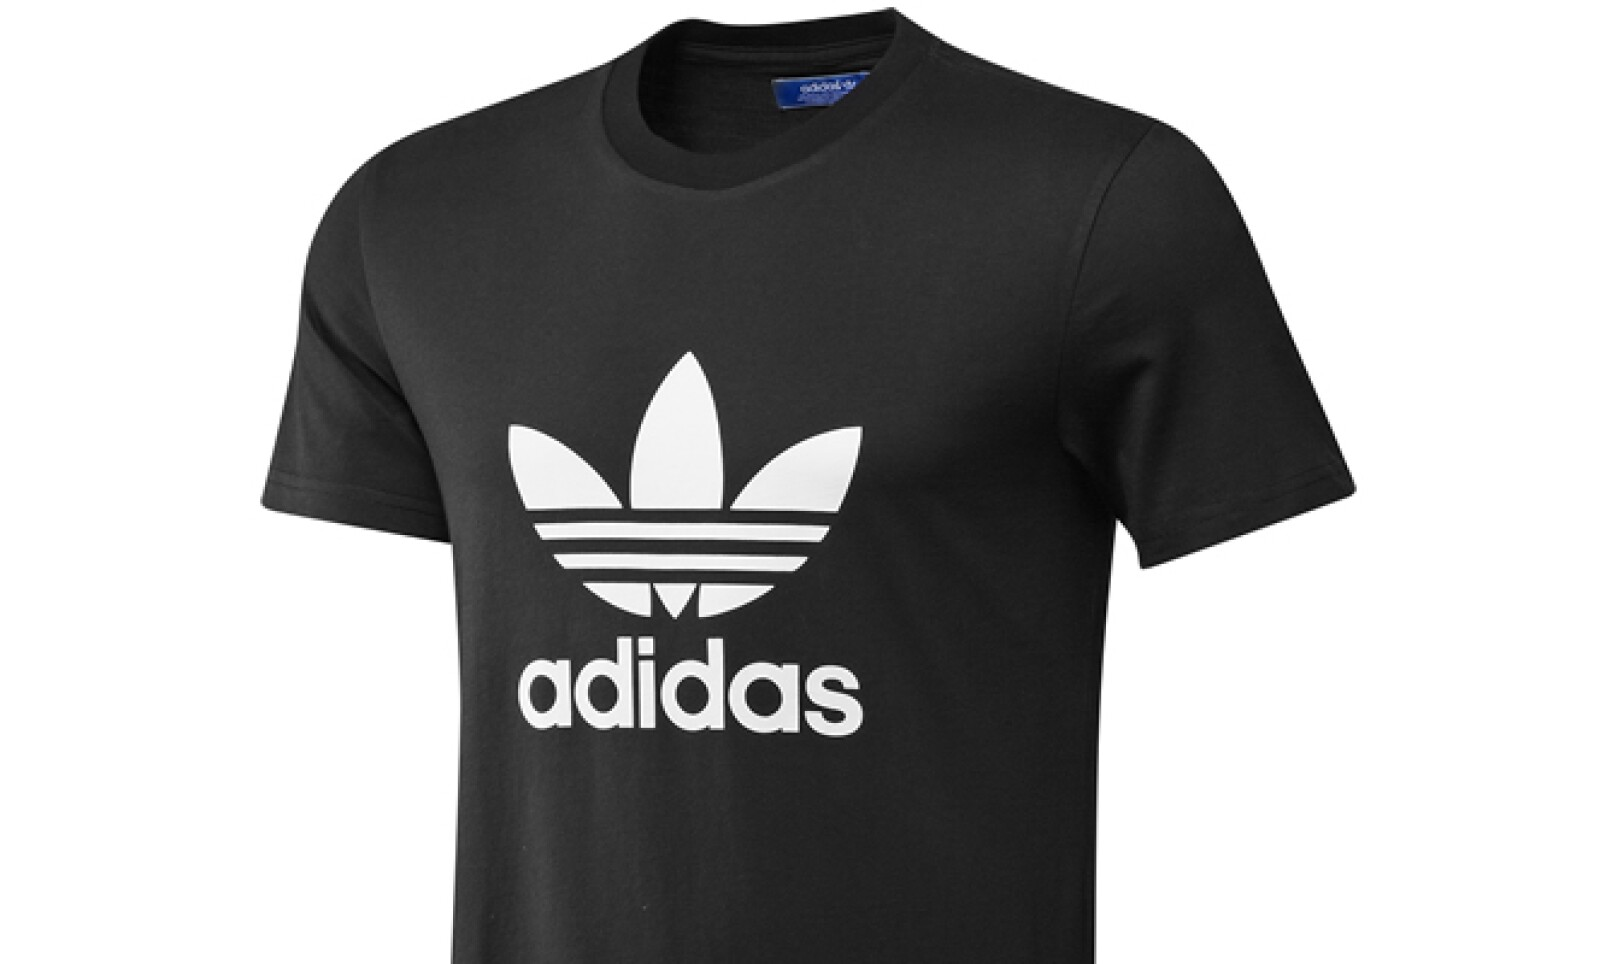 Adidas Originals privilegia el color negro en su colección primavera-verano.  Una camiseta en algodón es básica en el guardarropa.